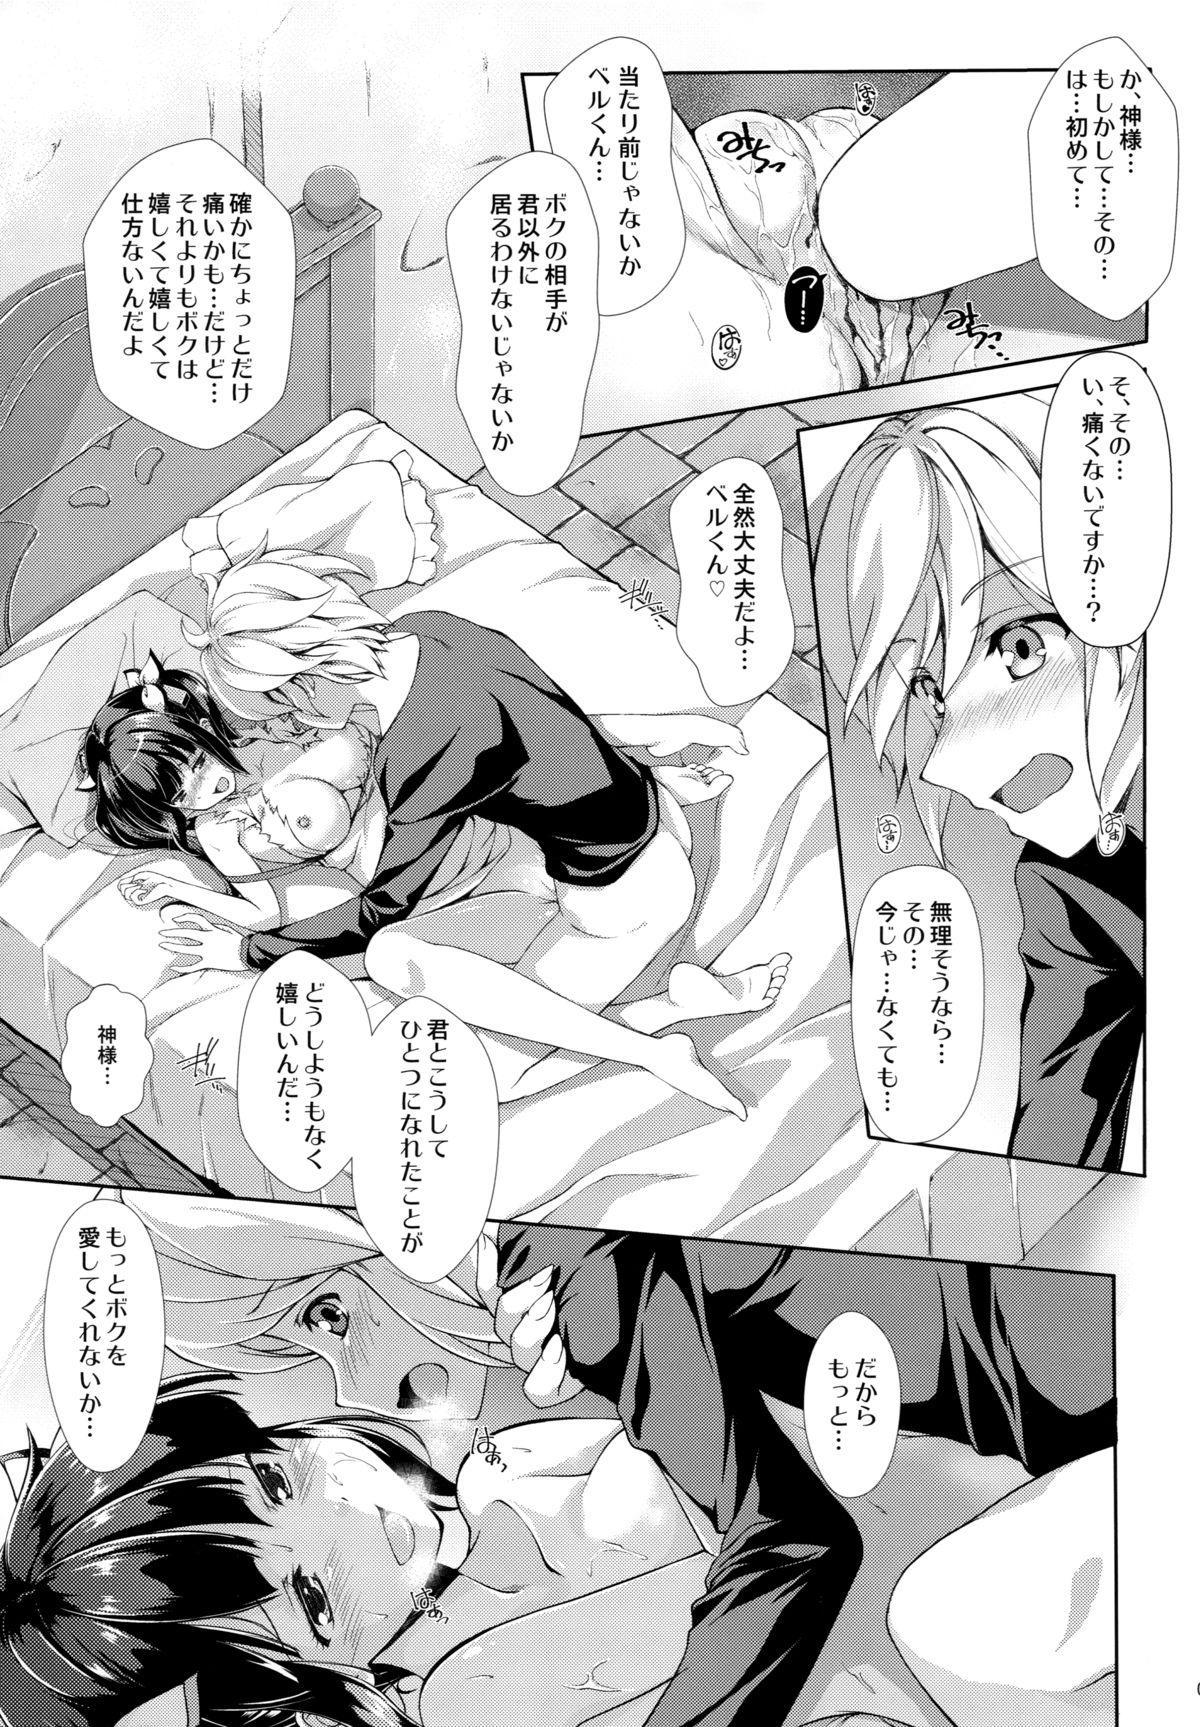 Dankon ni Kairaku o Motomeru no wa Machigatteiru Darou ka 8